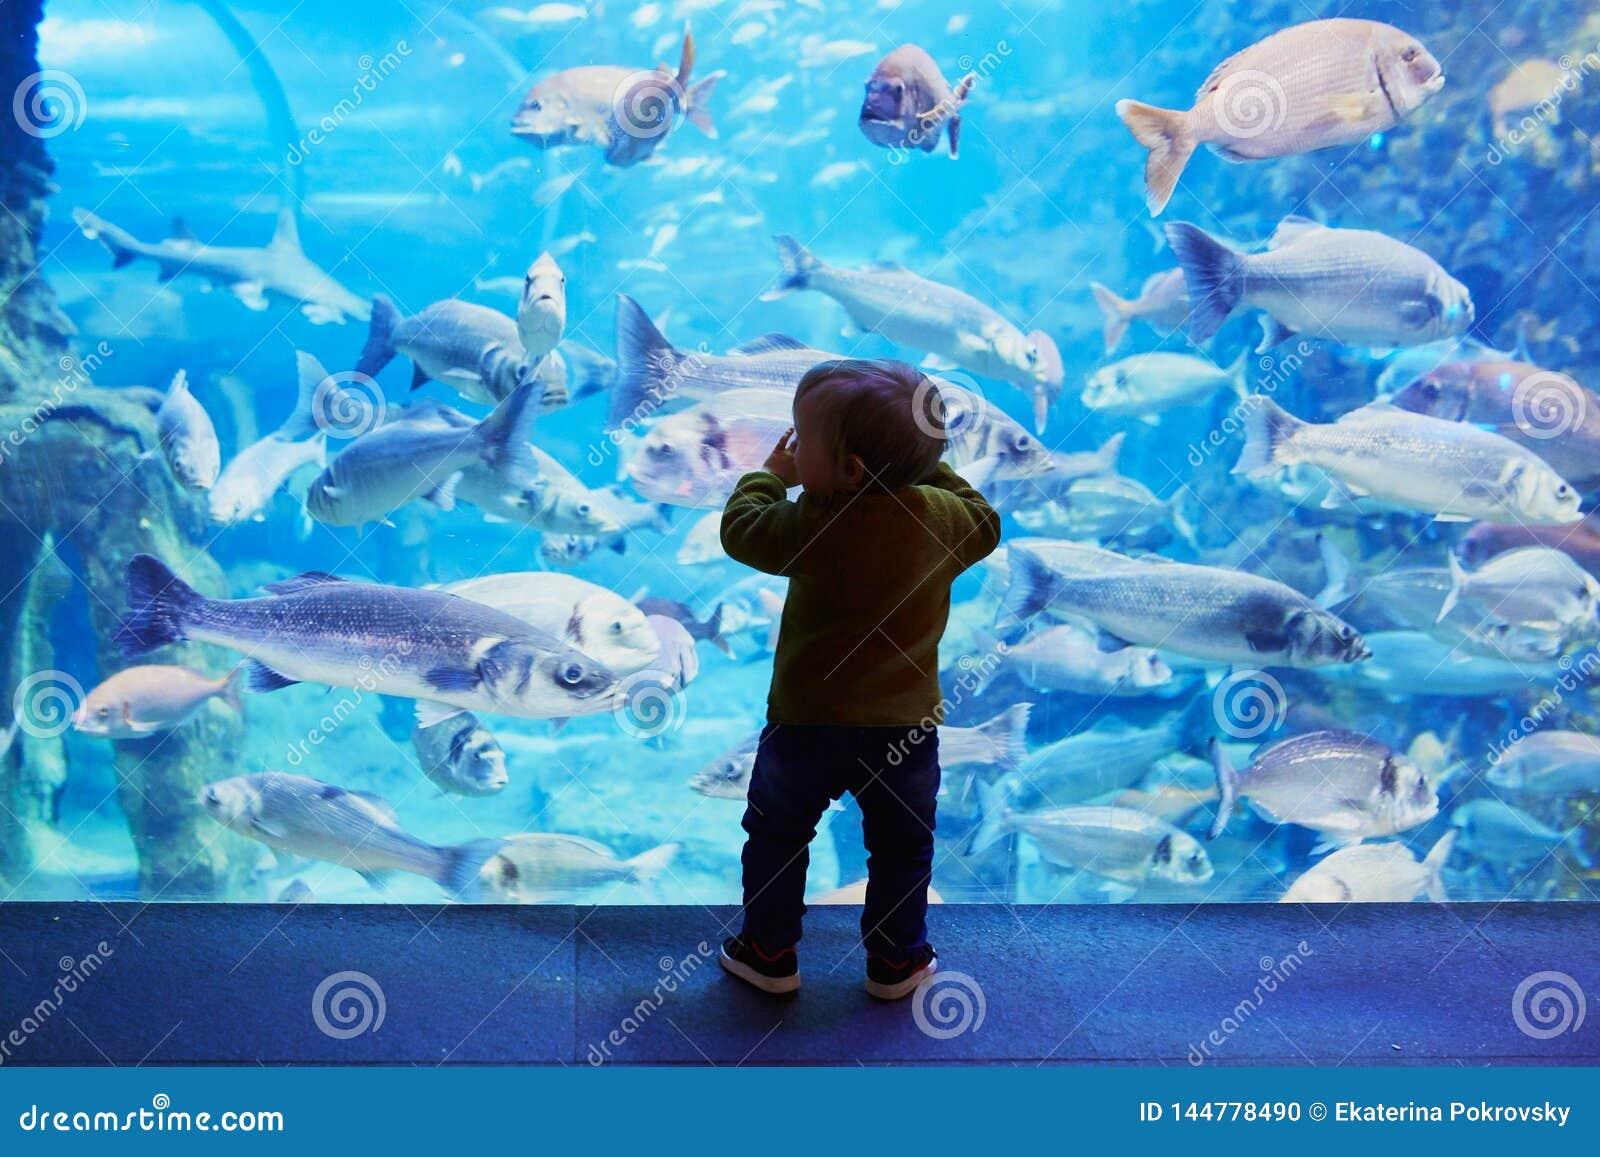 Σκιαγραφία λίγου παιδιού που απολαμβάνει τα τοπία της υποβρύχιας ζωής